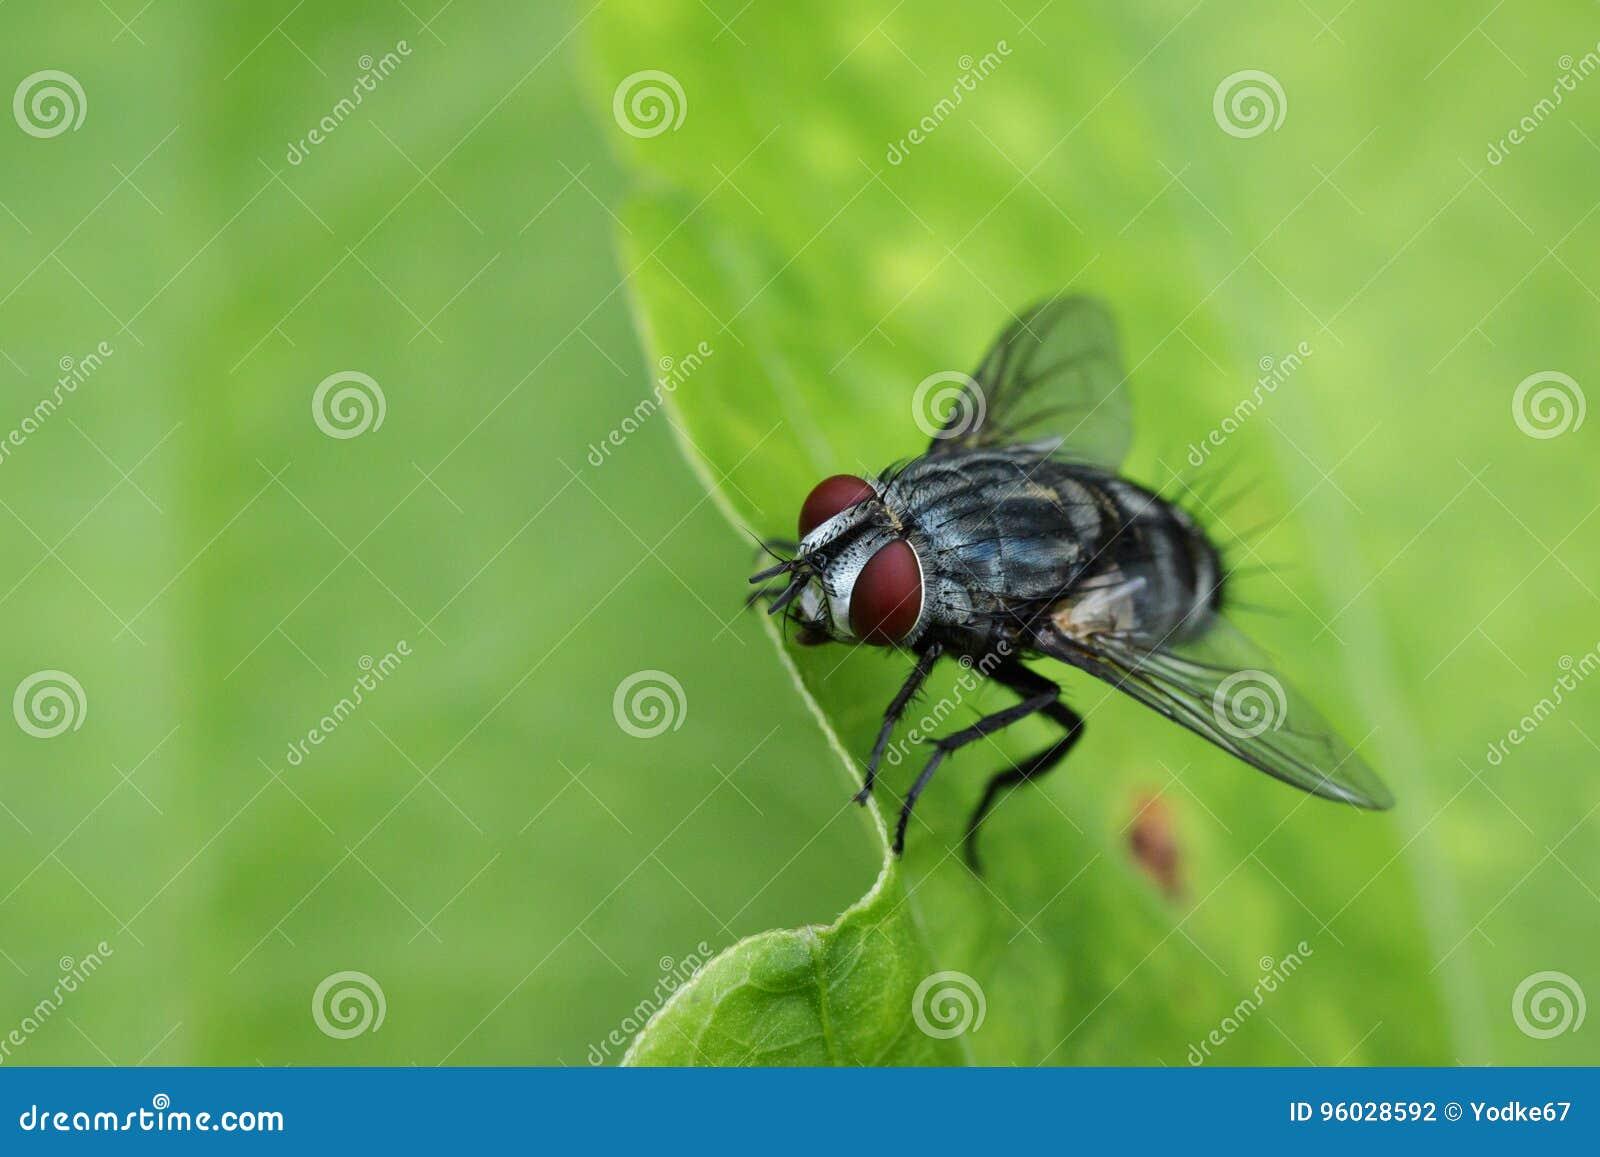 Wizerunek komarnica dwuskrzydłe na zielonych liściach insekt